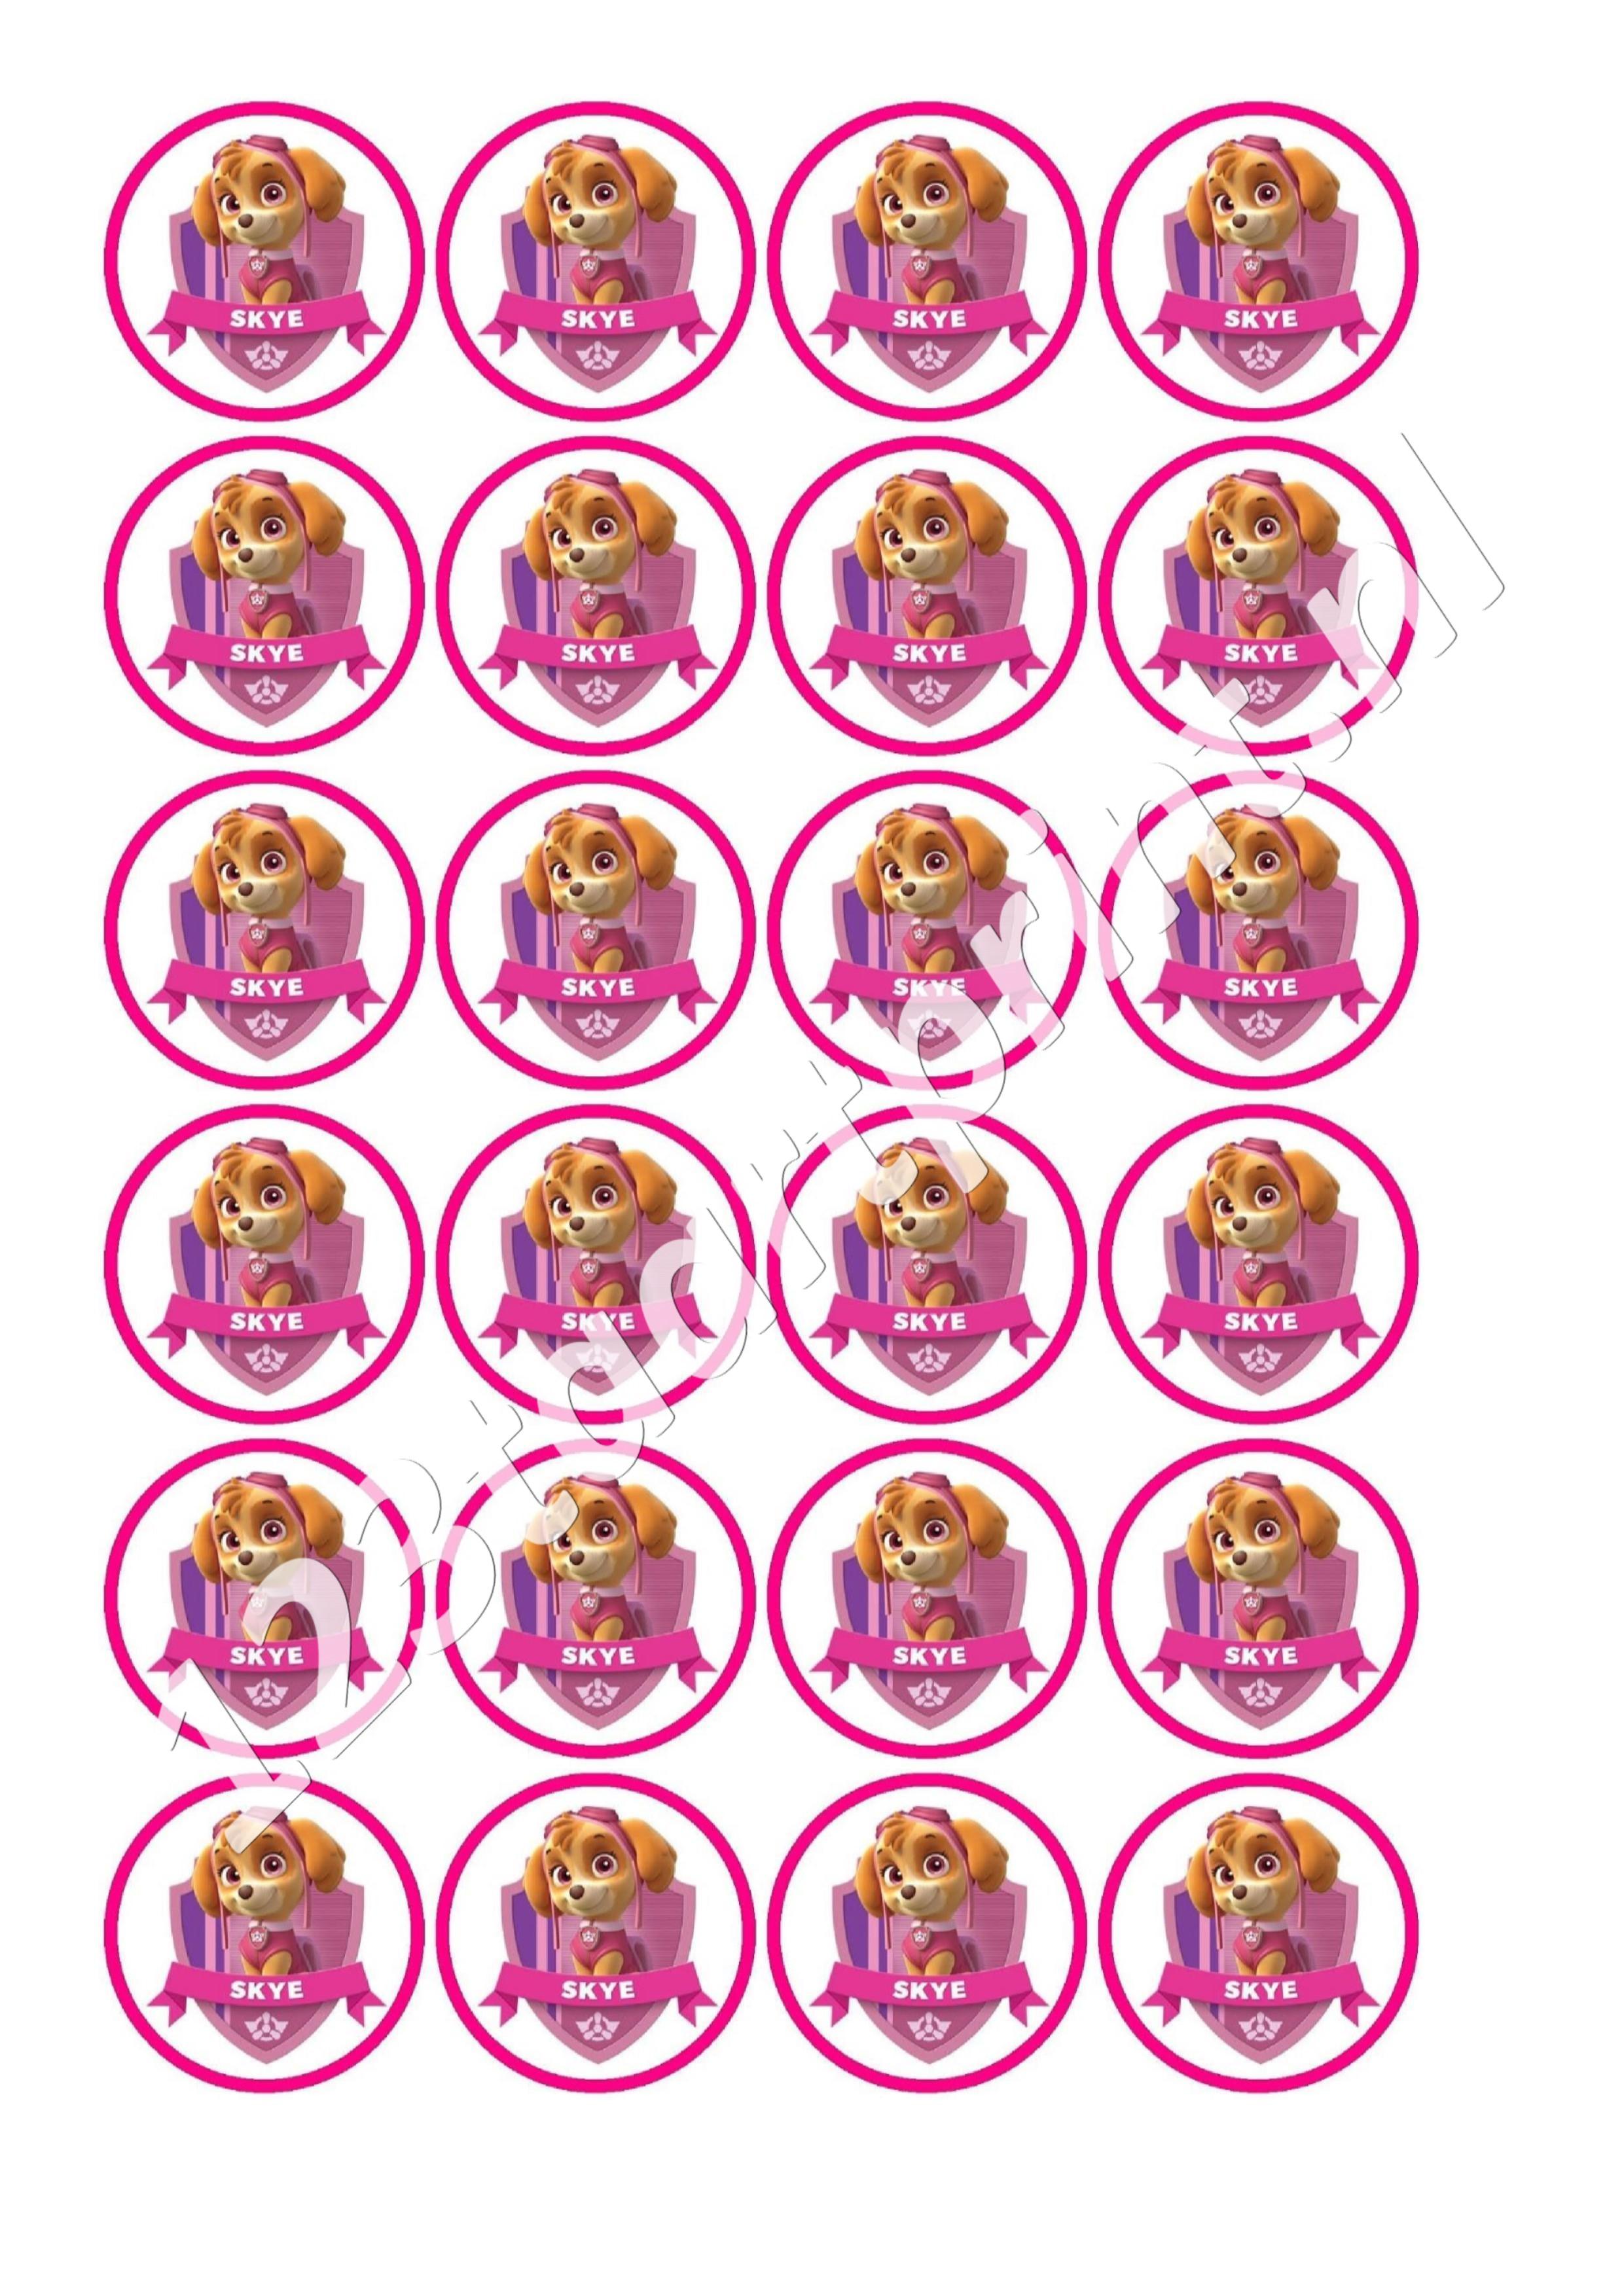 Paw Patrol Skye 4 cupcakes